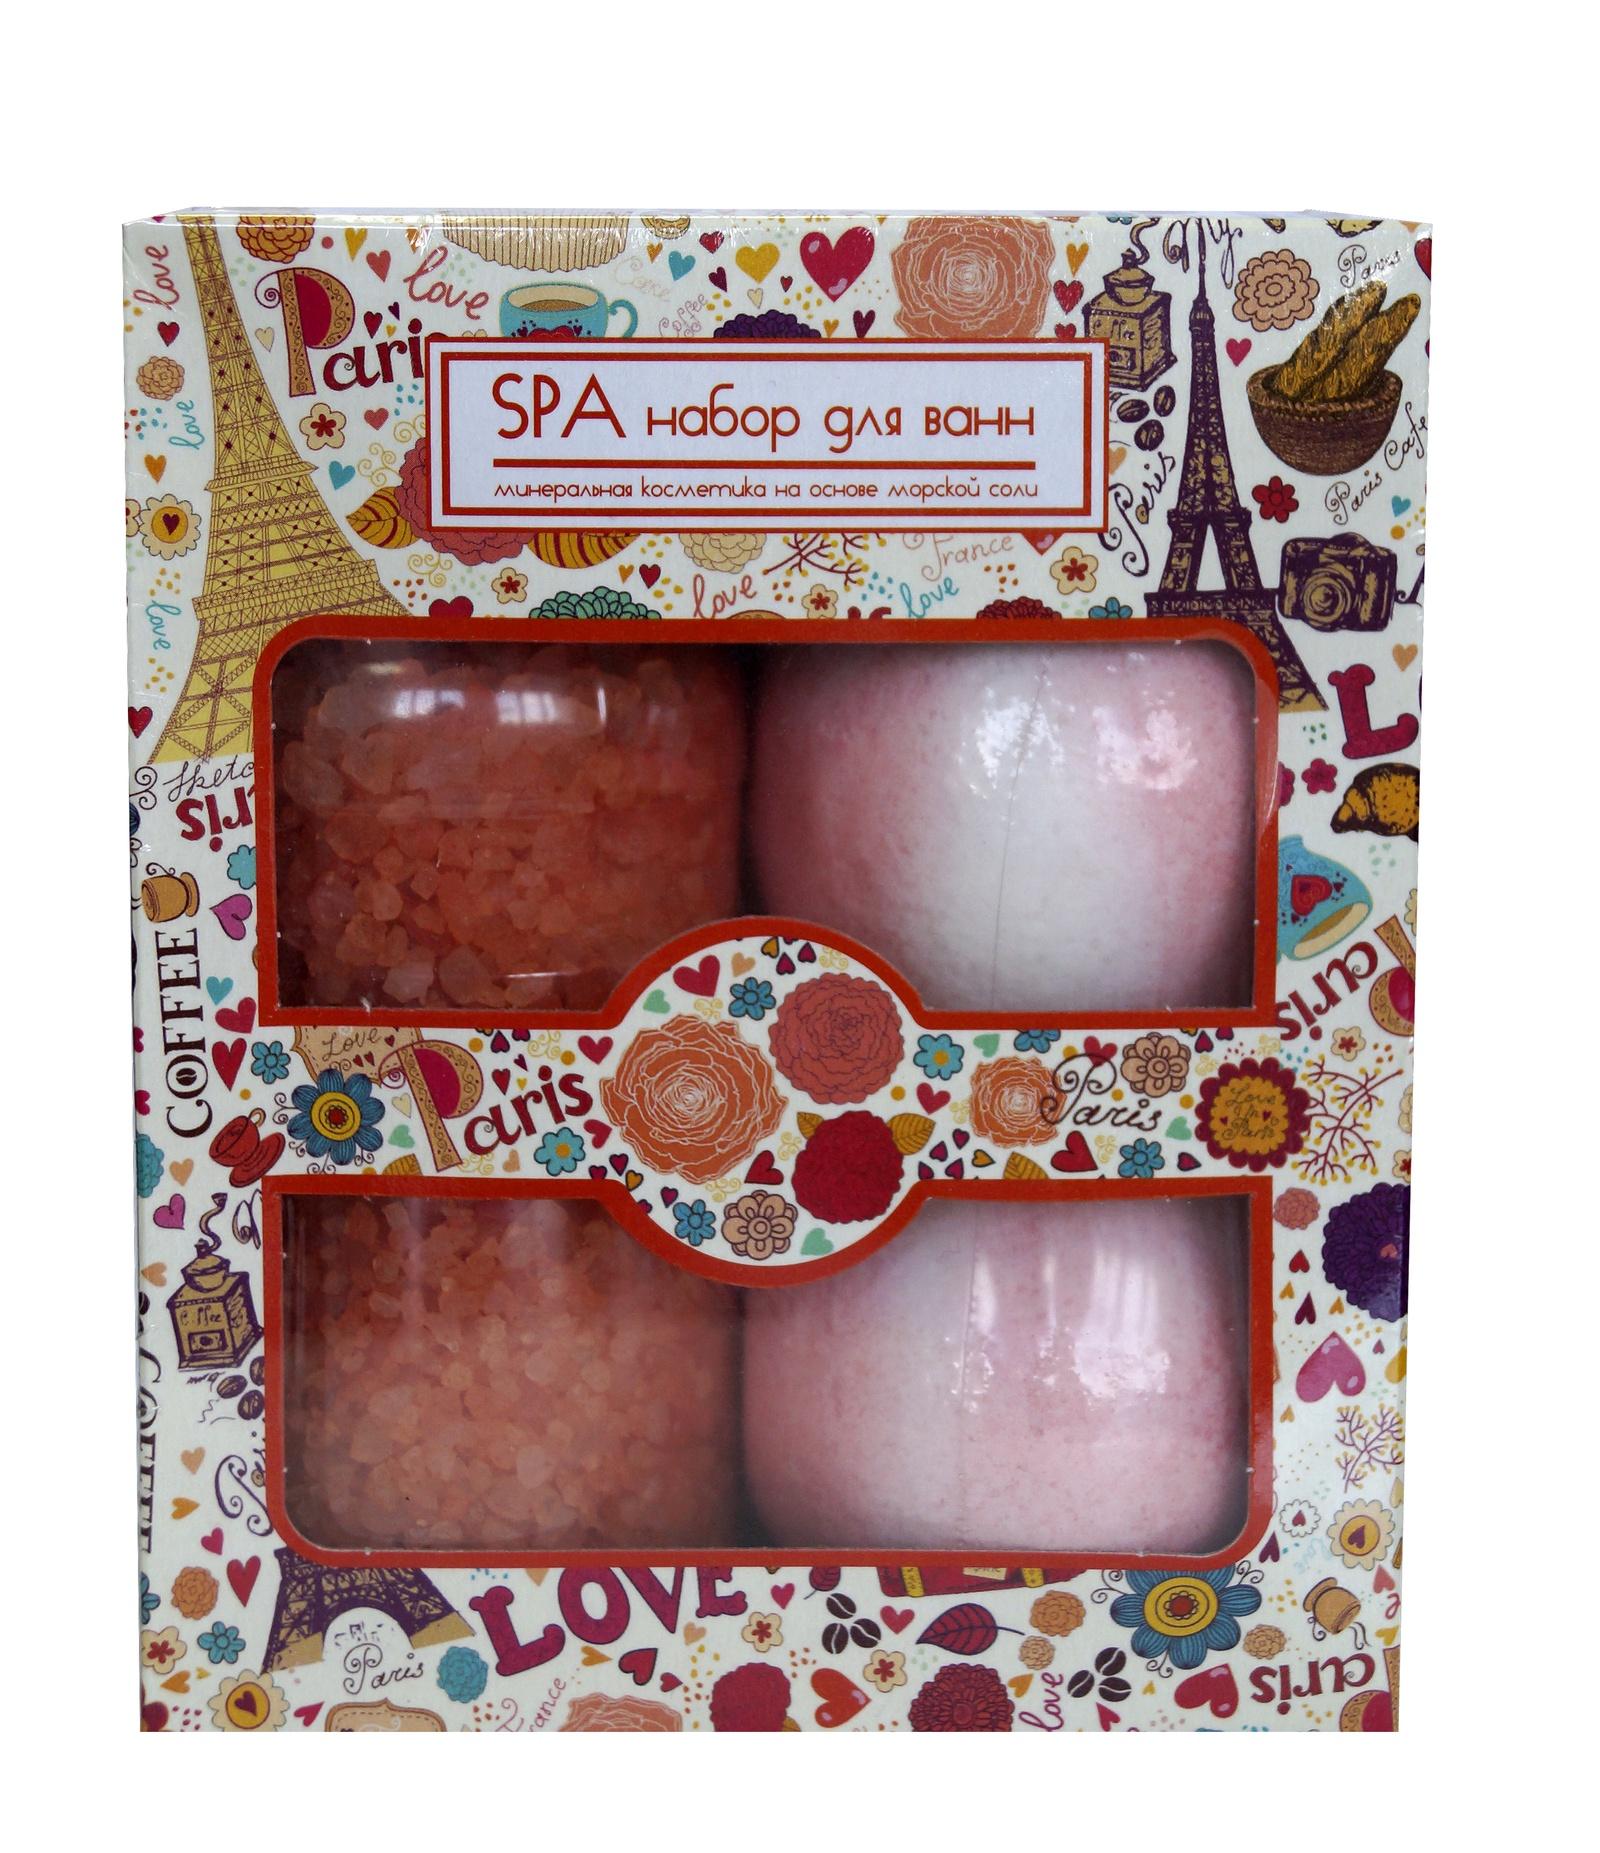 Соль морская Spa by Lara для ванн Роза 300 г + Соль шипучая для ванн Spa by Lara Роза 140г*2 + 580г соль mavala для смягчающих ножных ванн 300 г